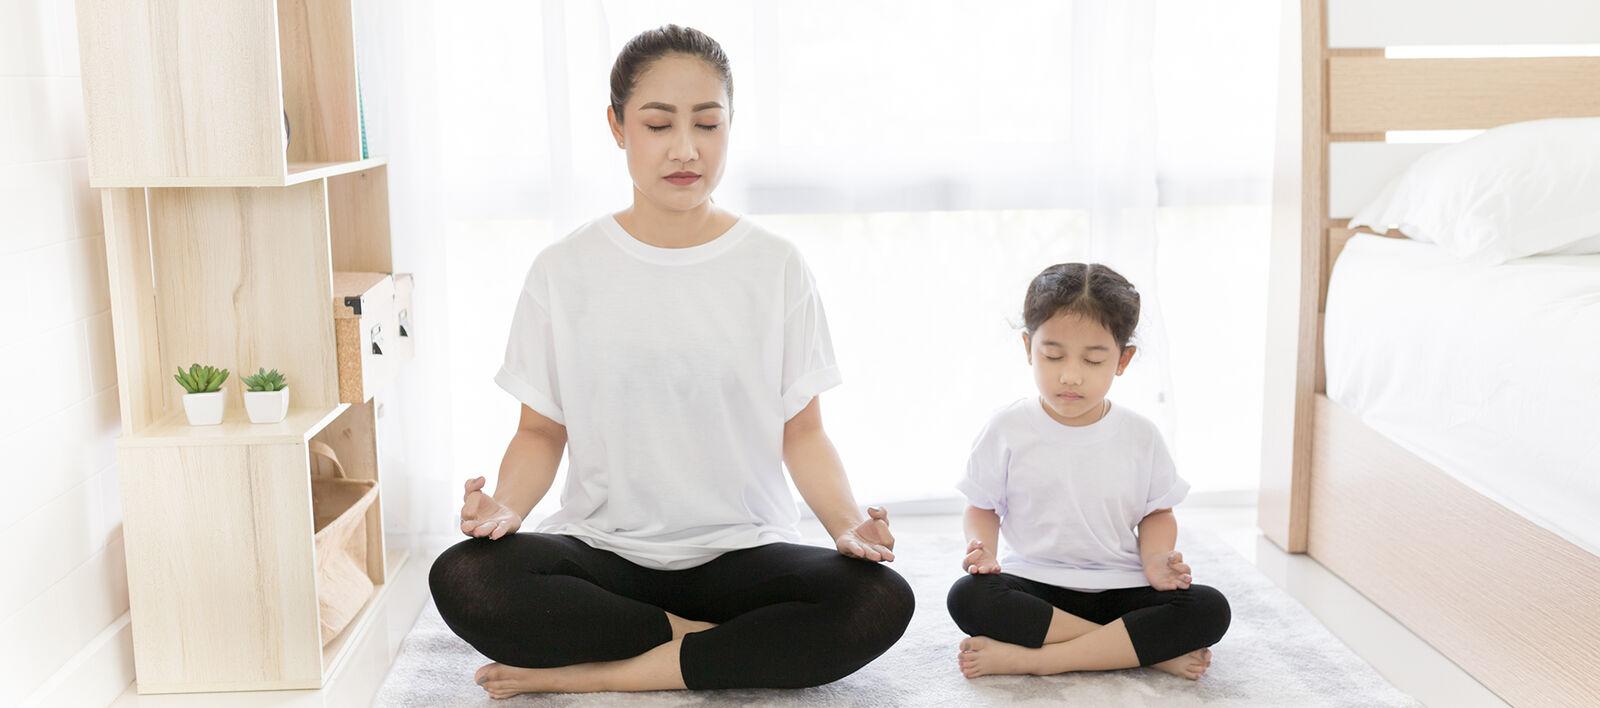 Blueair  Take a deep breathe  Home_LR_mom-kid-relax_asian